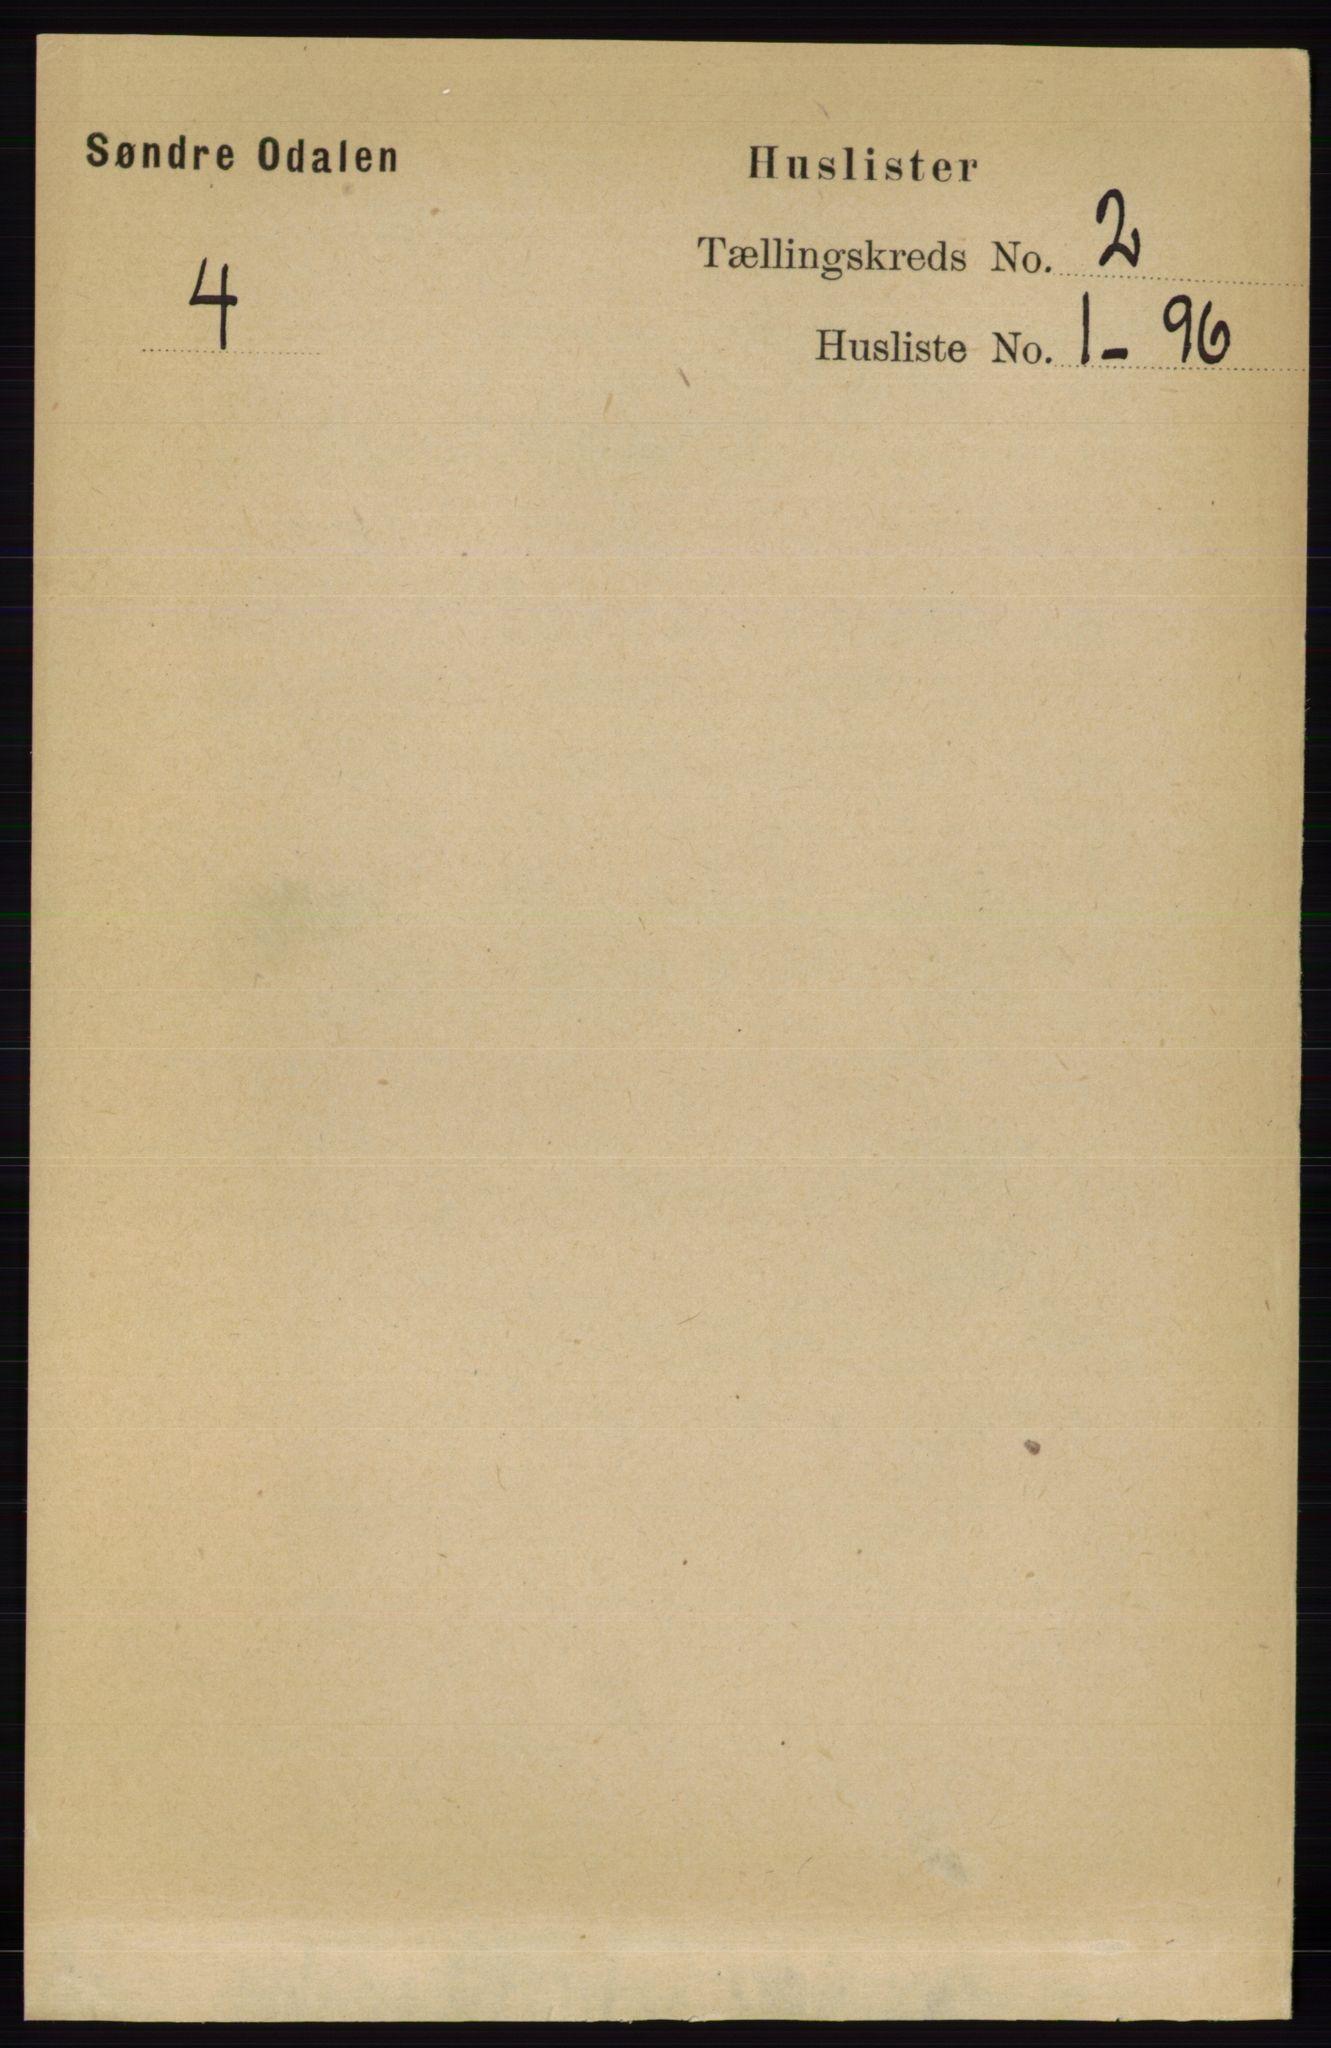 RA, Folketelling 1891 for 0419 Sør-Odal herred, 1891, s. 349